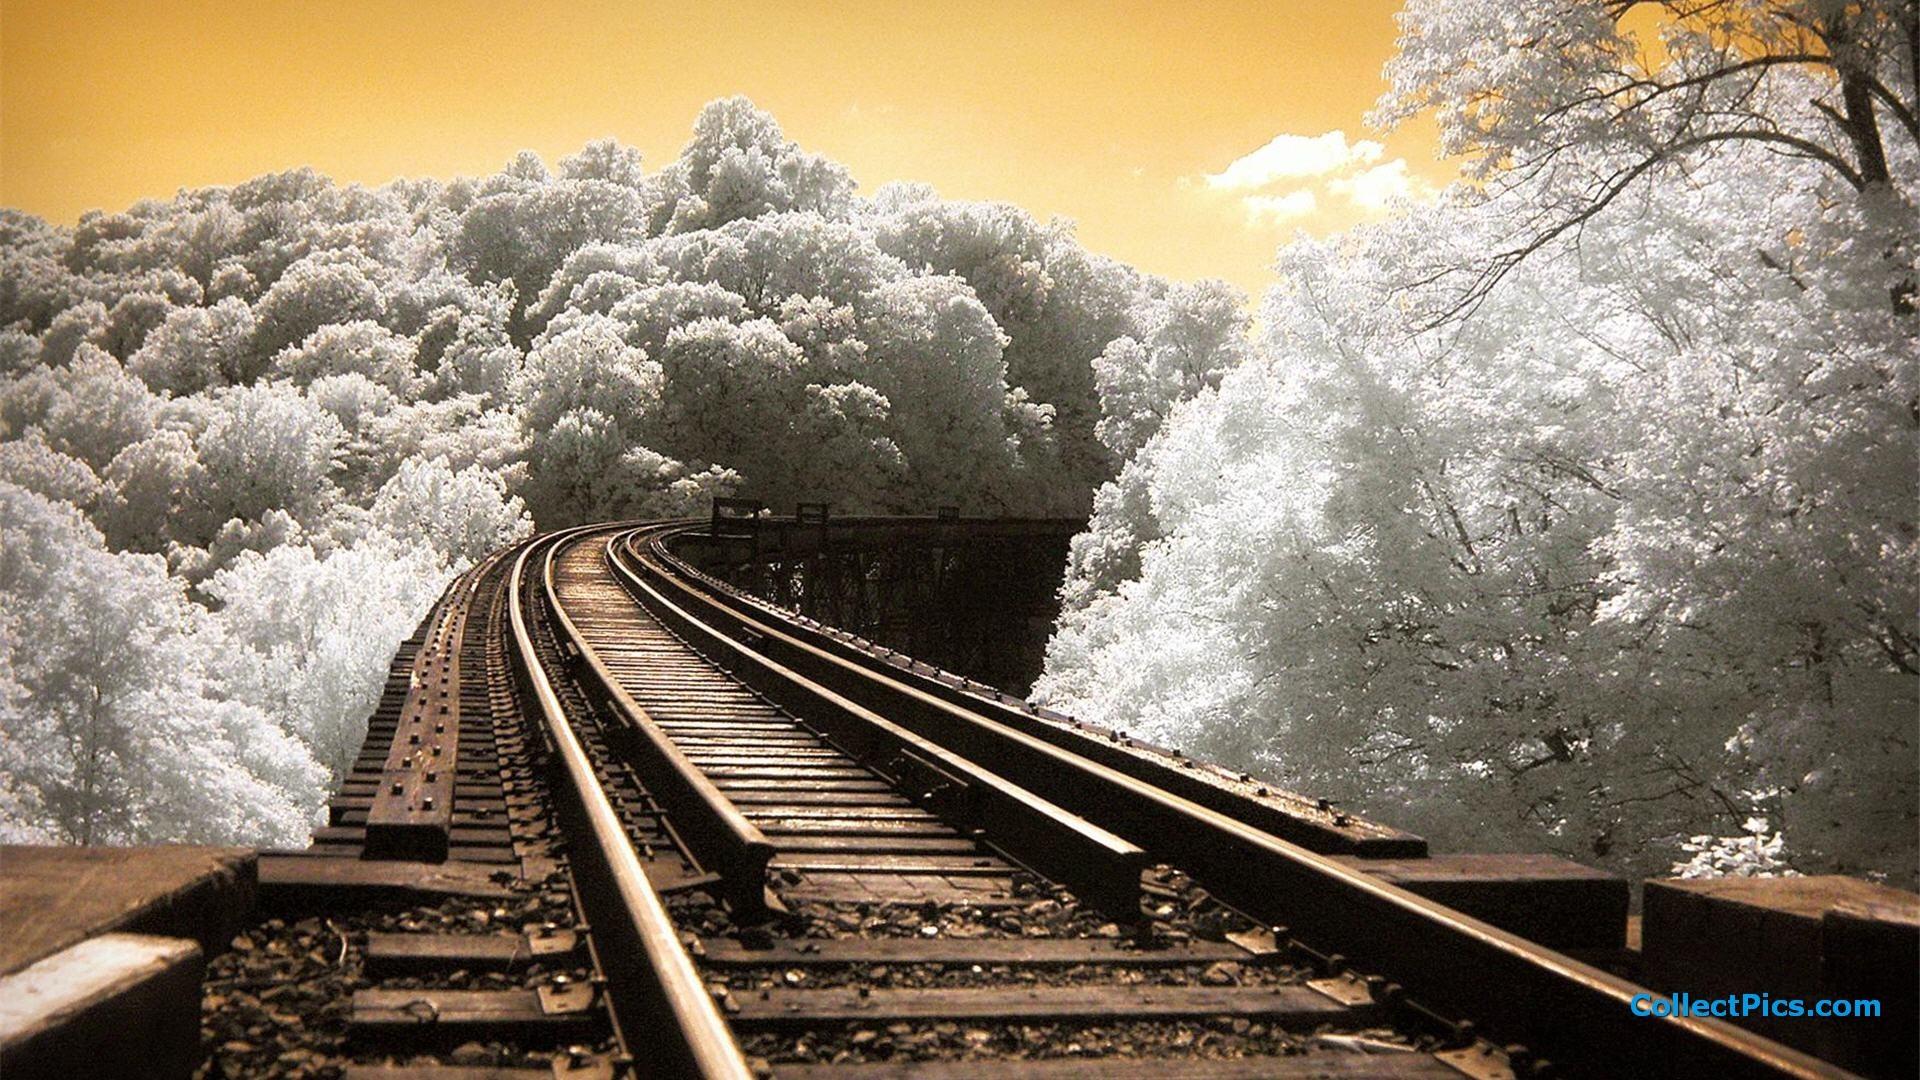 Train Track Wallpaper